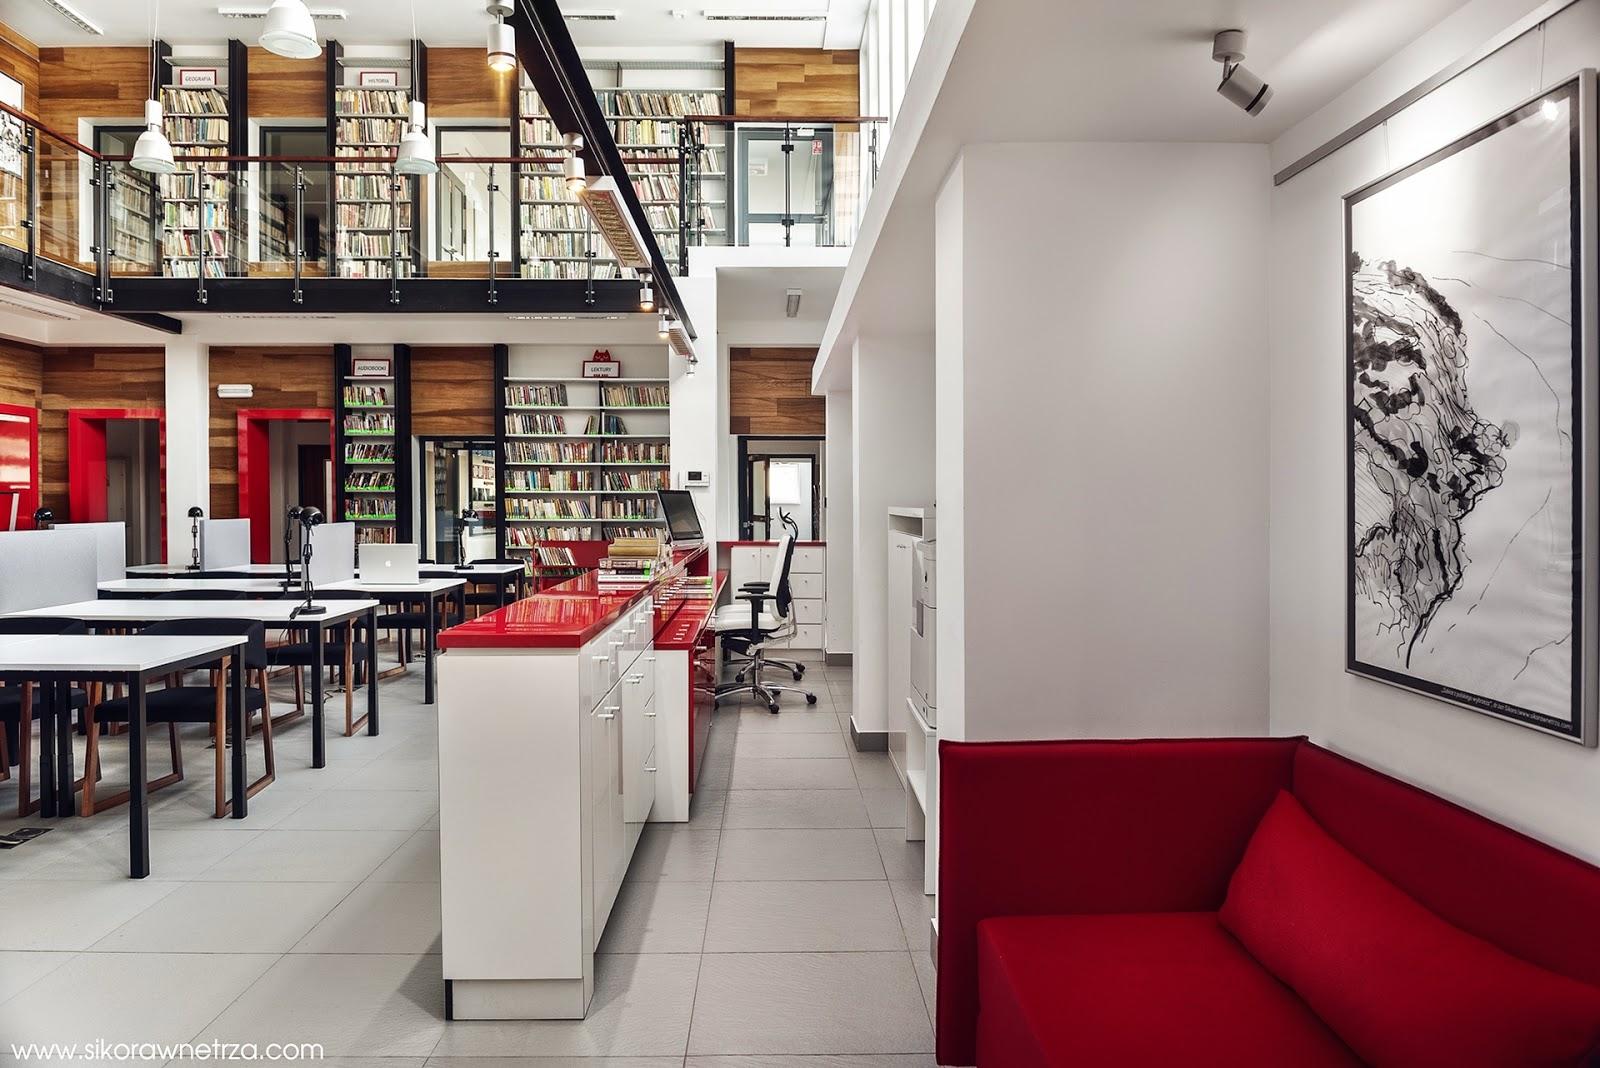 Rumia biblioteka